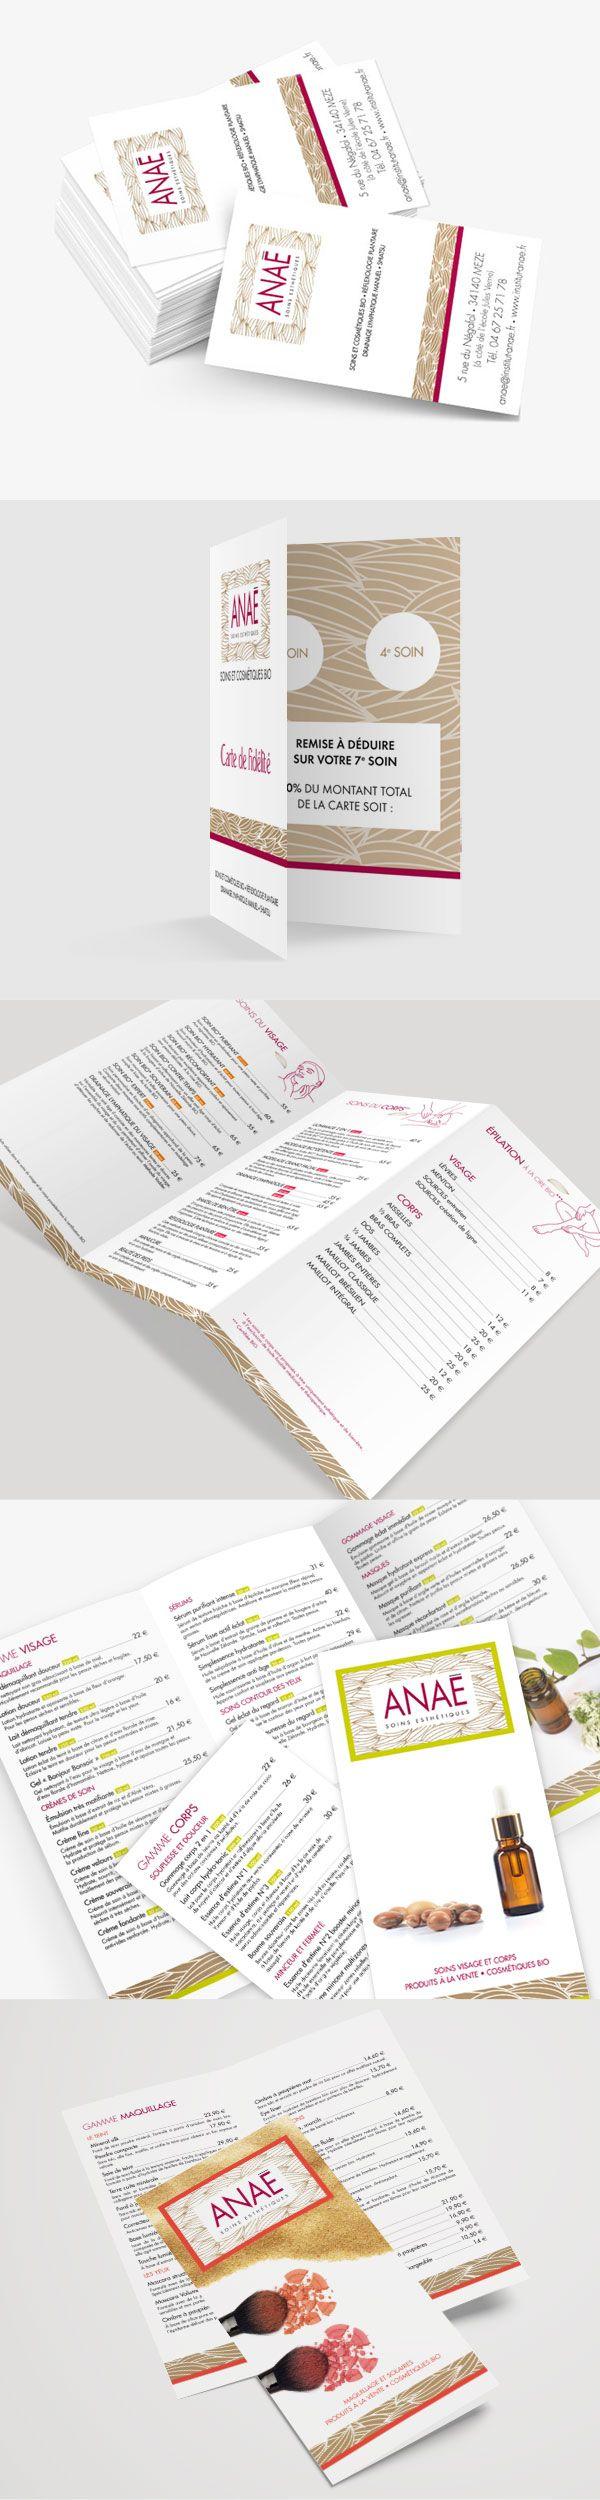 #agence rebelle - création livrets, carte de visite, carte de fidélité, carte de rendez-vous institut de beauté Anaé - #Print